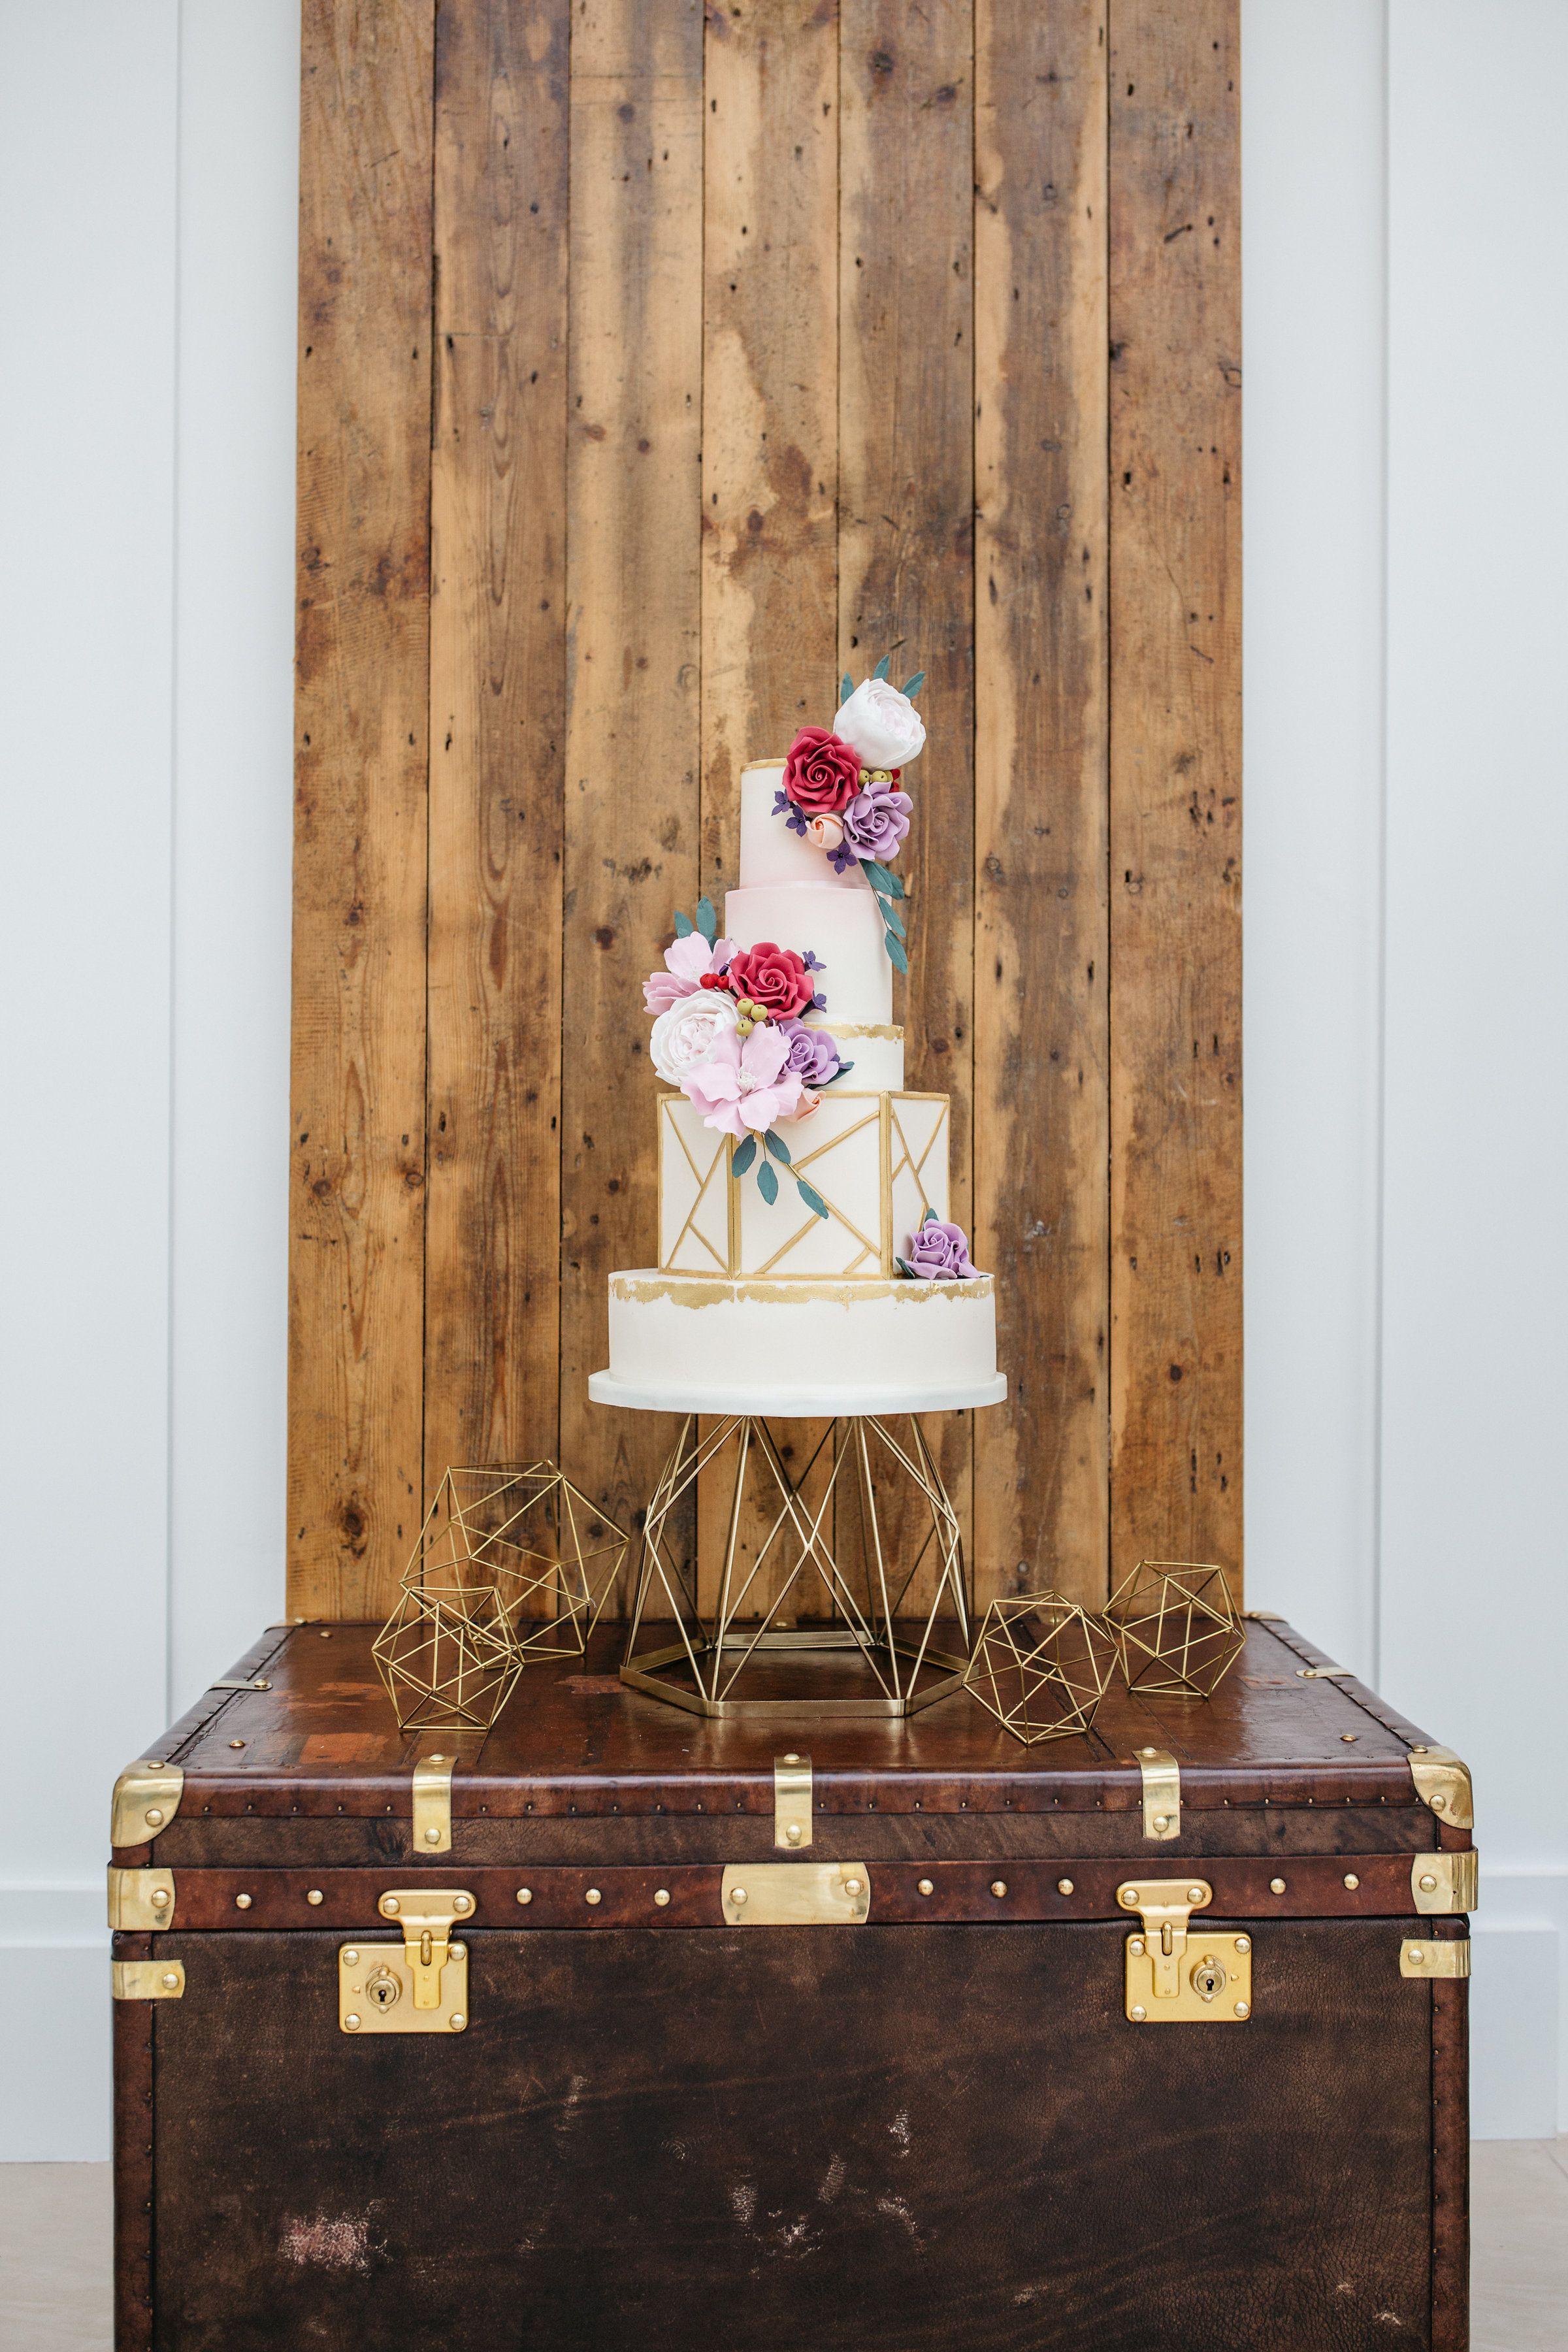 Cake trunk and backdrop wedding cake backdrop cake